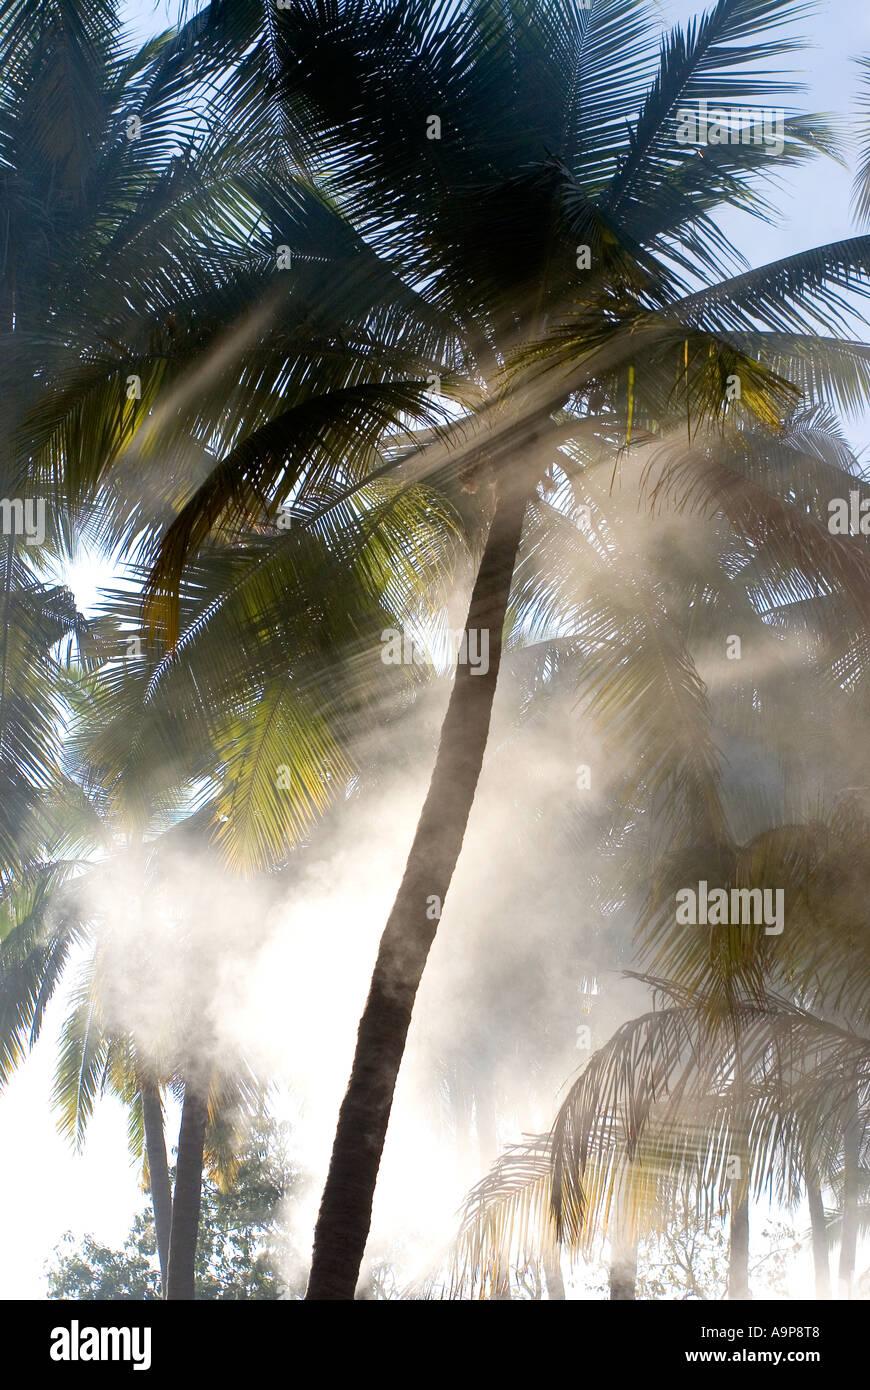 Mañana, rayos de sol que entra a través de las palmeras en el sur de la India Imagen De Stock